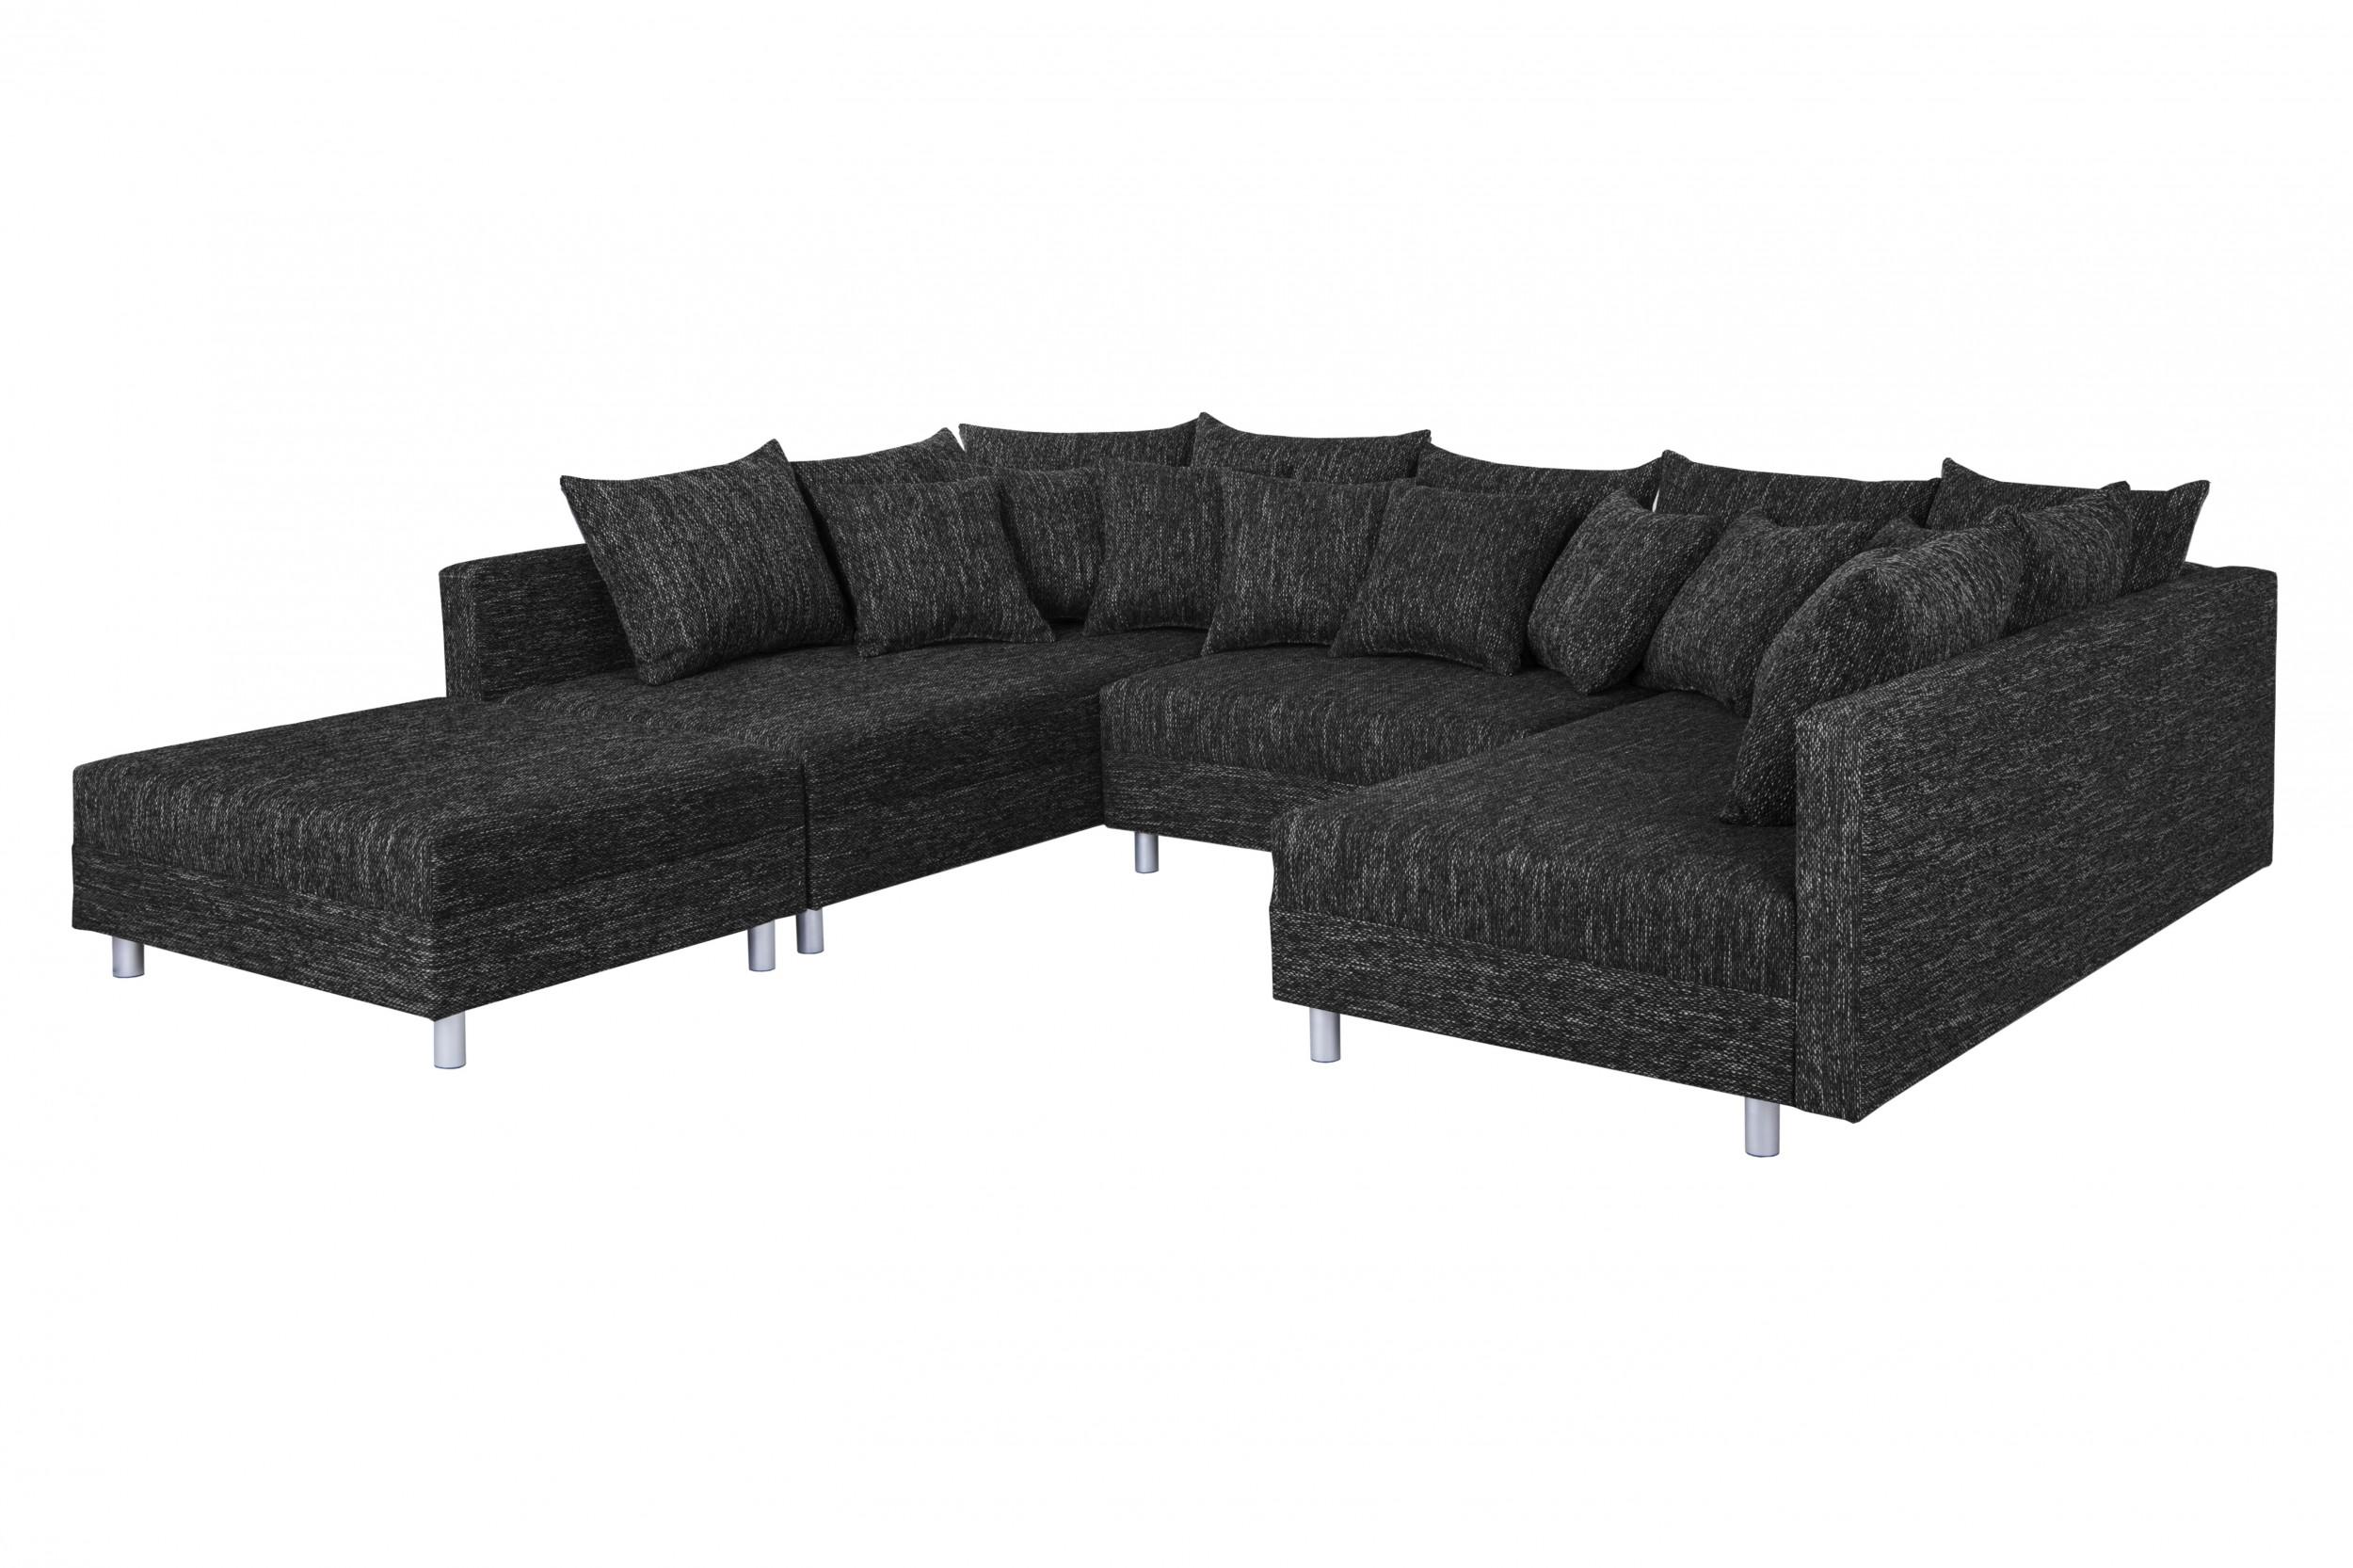 wohnlandschaft sofa couch ecksofa eckcouch in gewebestoff schwarz minsk xxl polsterm bel sofa. Black Bedroom Furniture Sets. Home Design Ideas